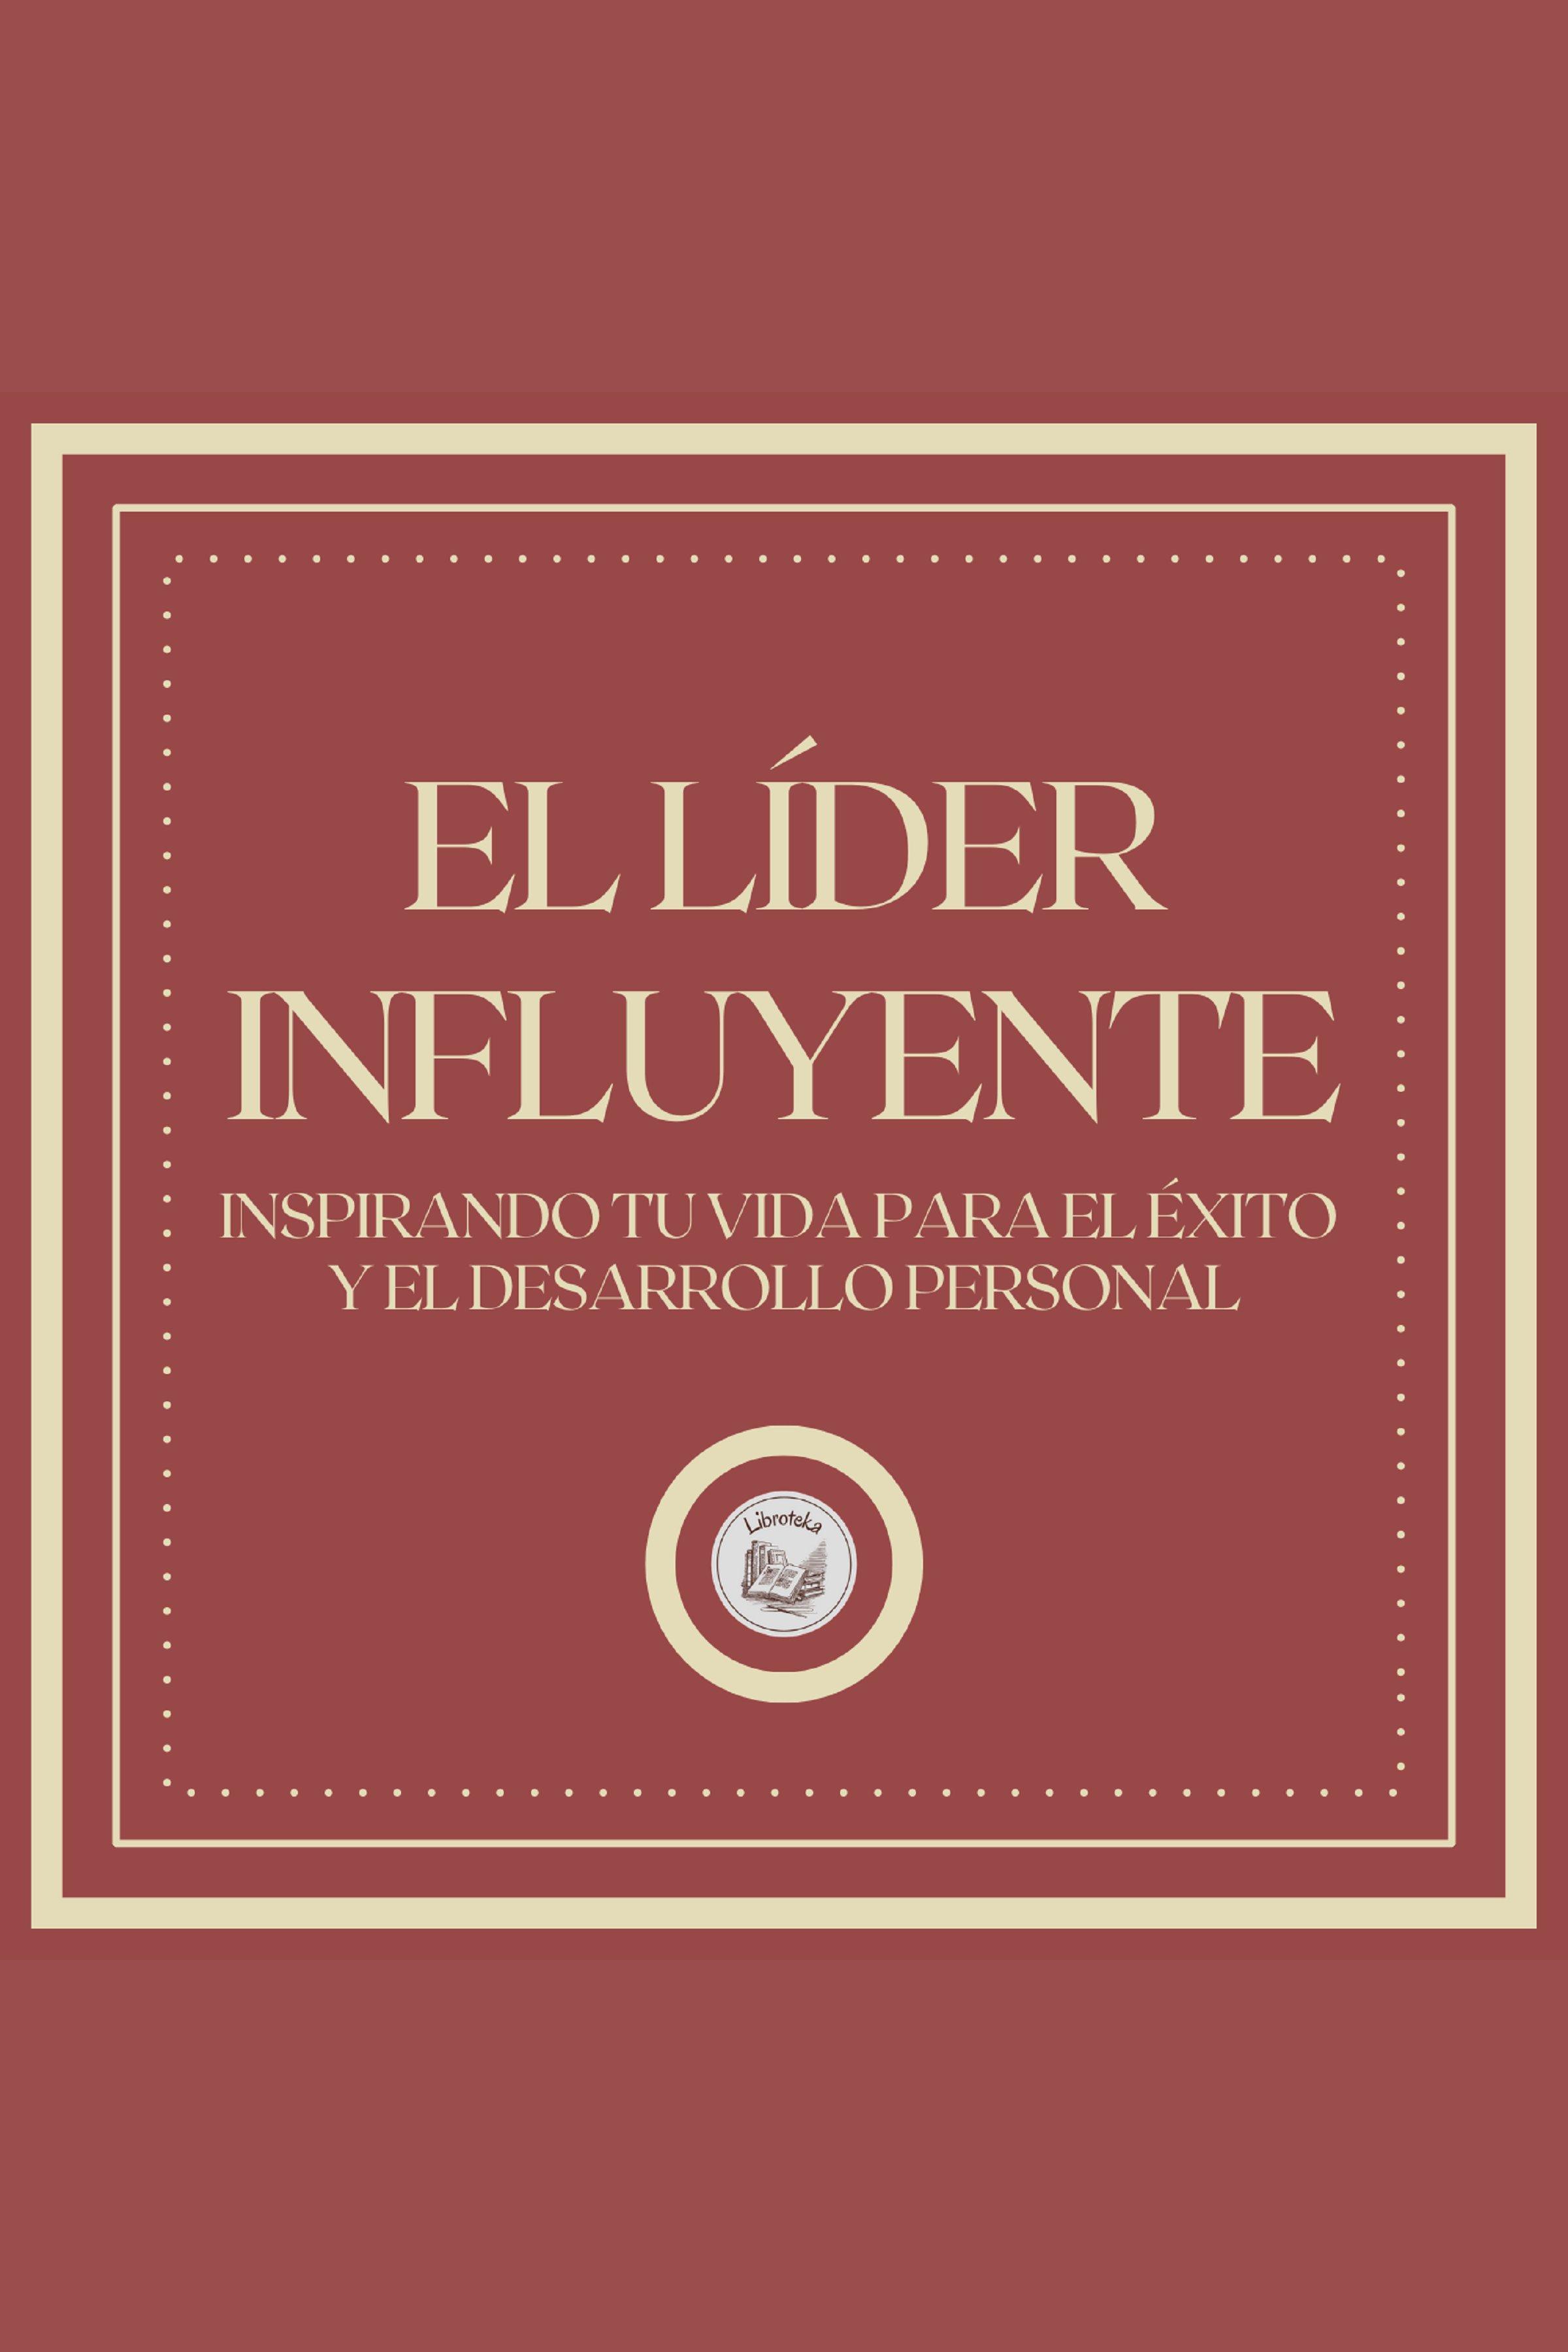 Esta es la portada del audiolibro El líder influyente: Inspirando tu vida para el éxito y el desarrollo personal